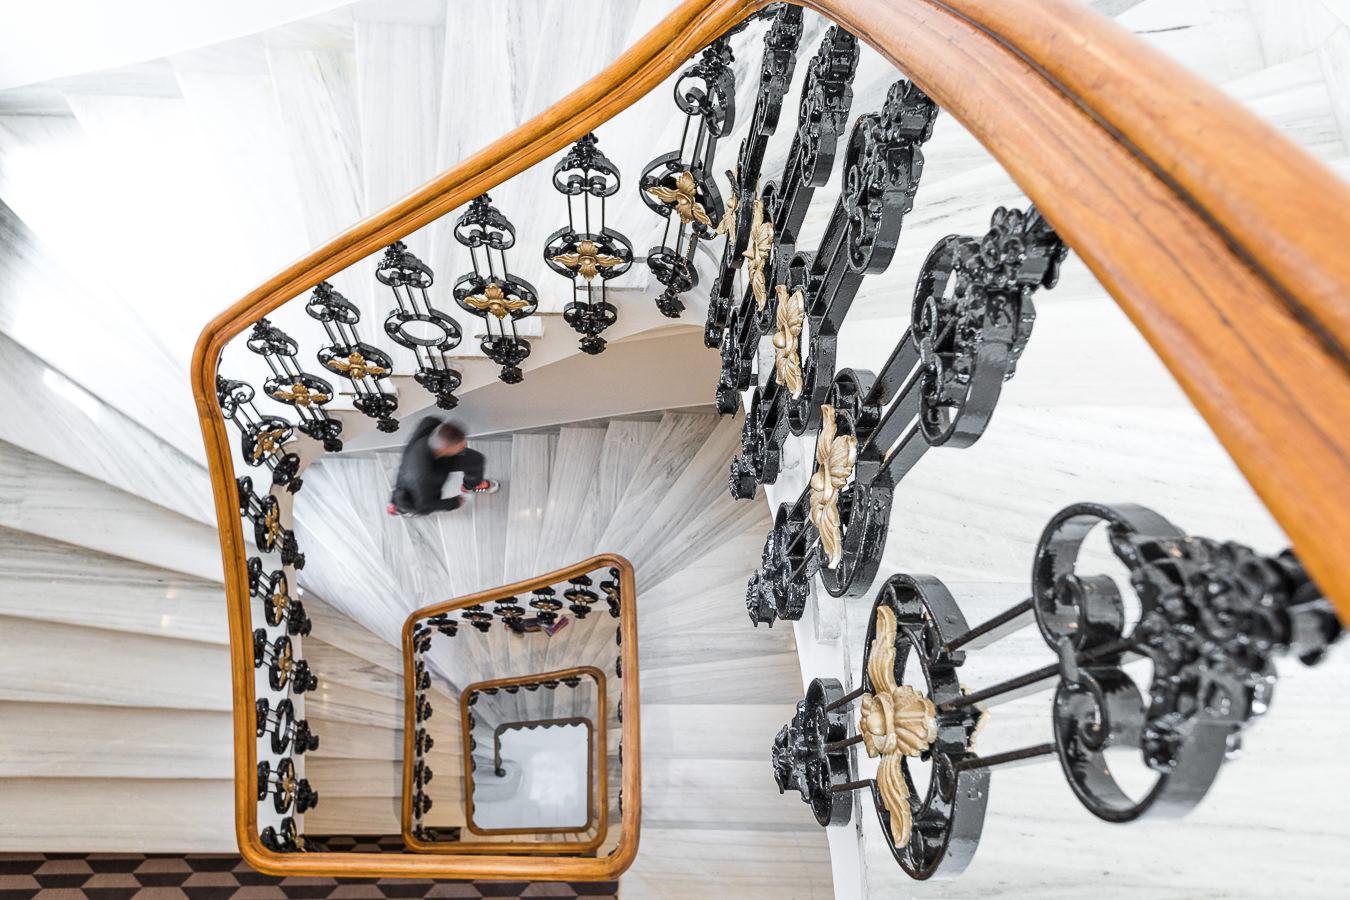 AEGLI, VOLOS, Γιώργος Φάκαρος - Αρχιτεκτονική Φωτογραφία | Εσωτερικοί Χώροι | Φωτογραφία Ξενοδοχειών - Photography / Φωτογραφία